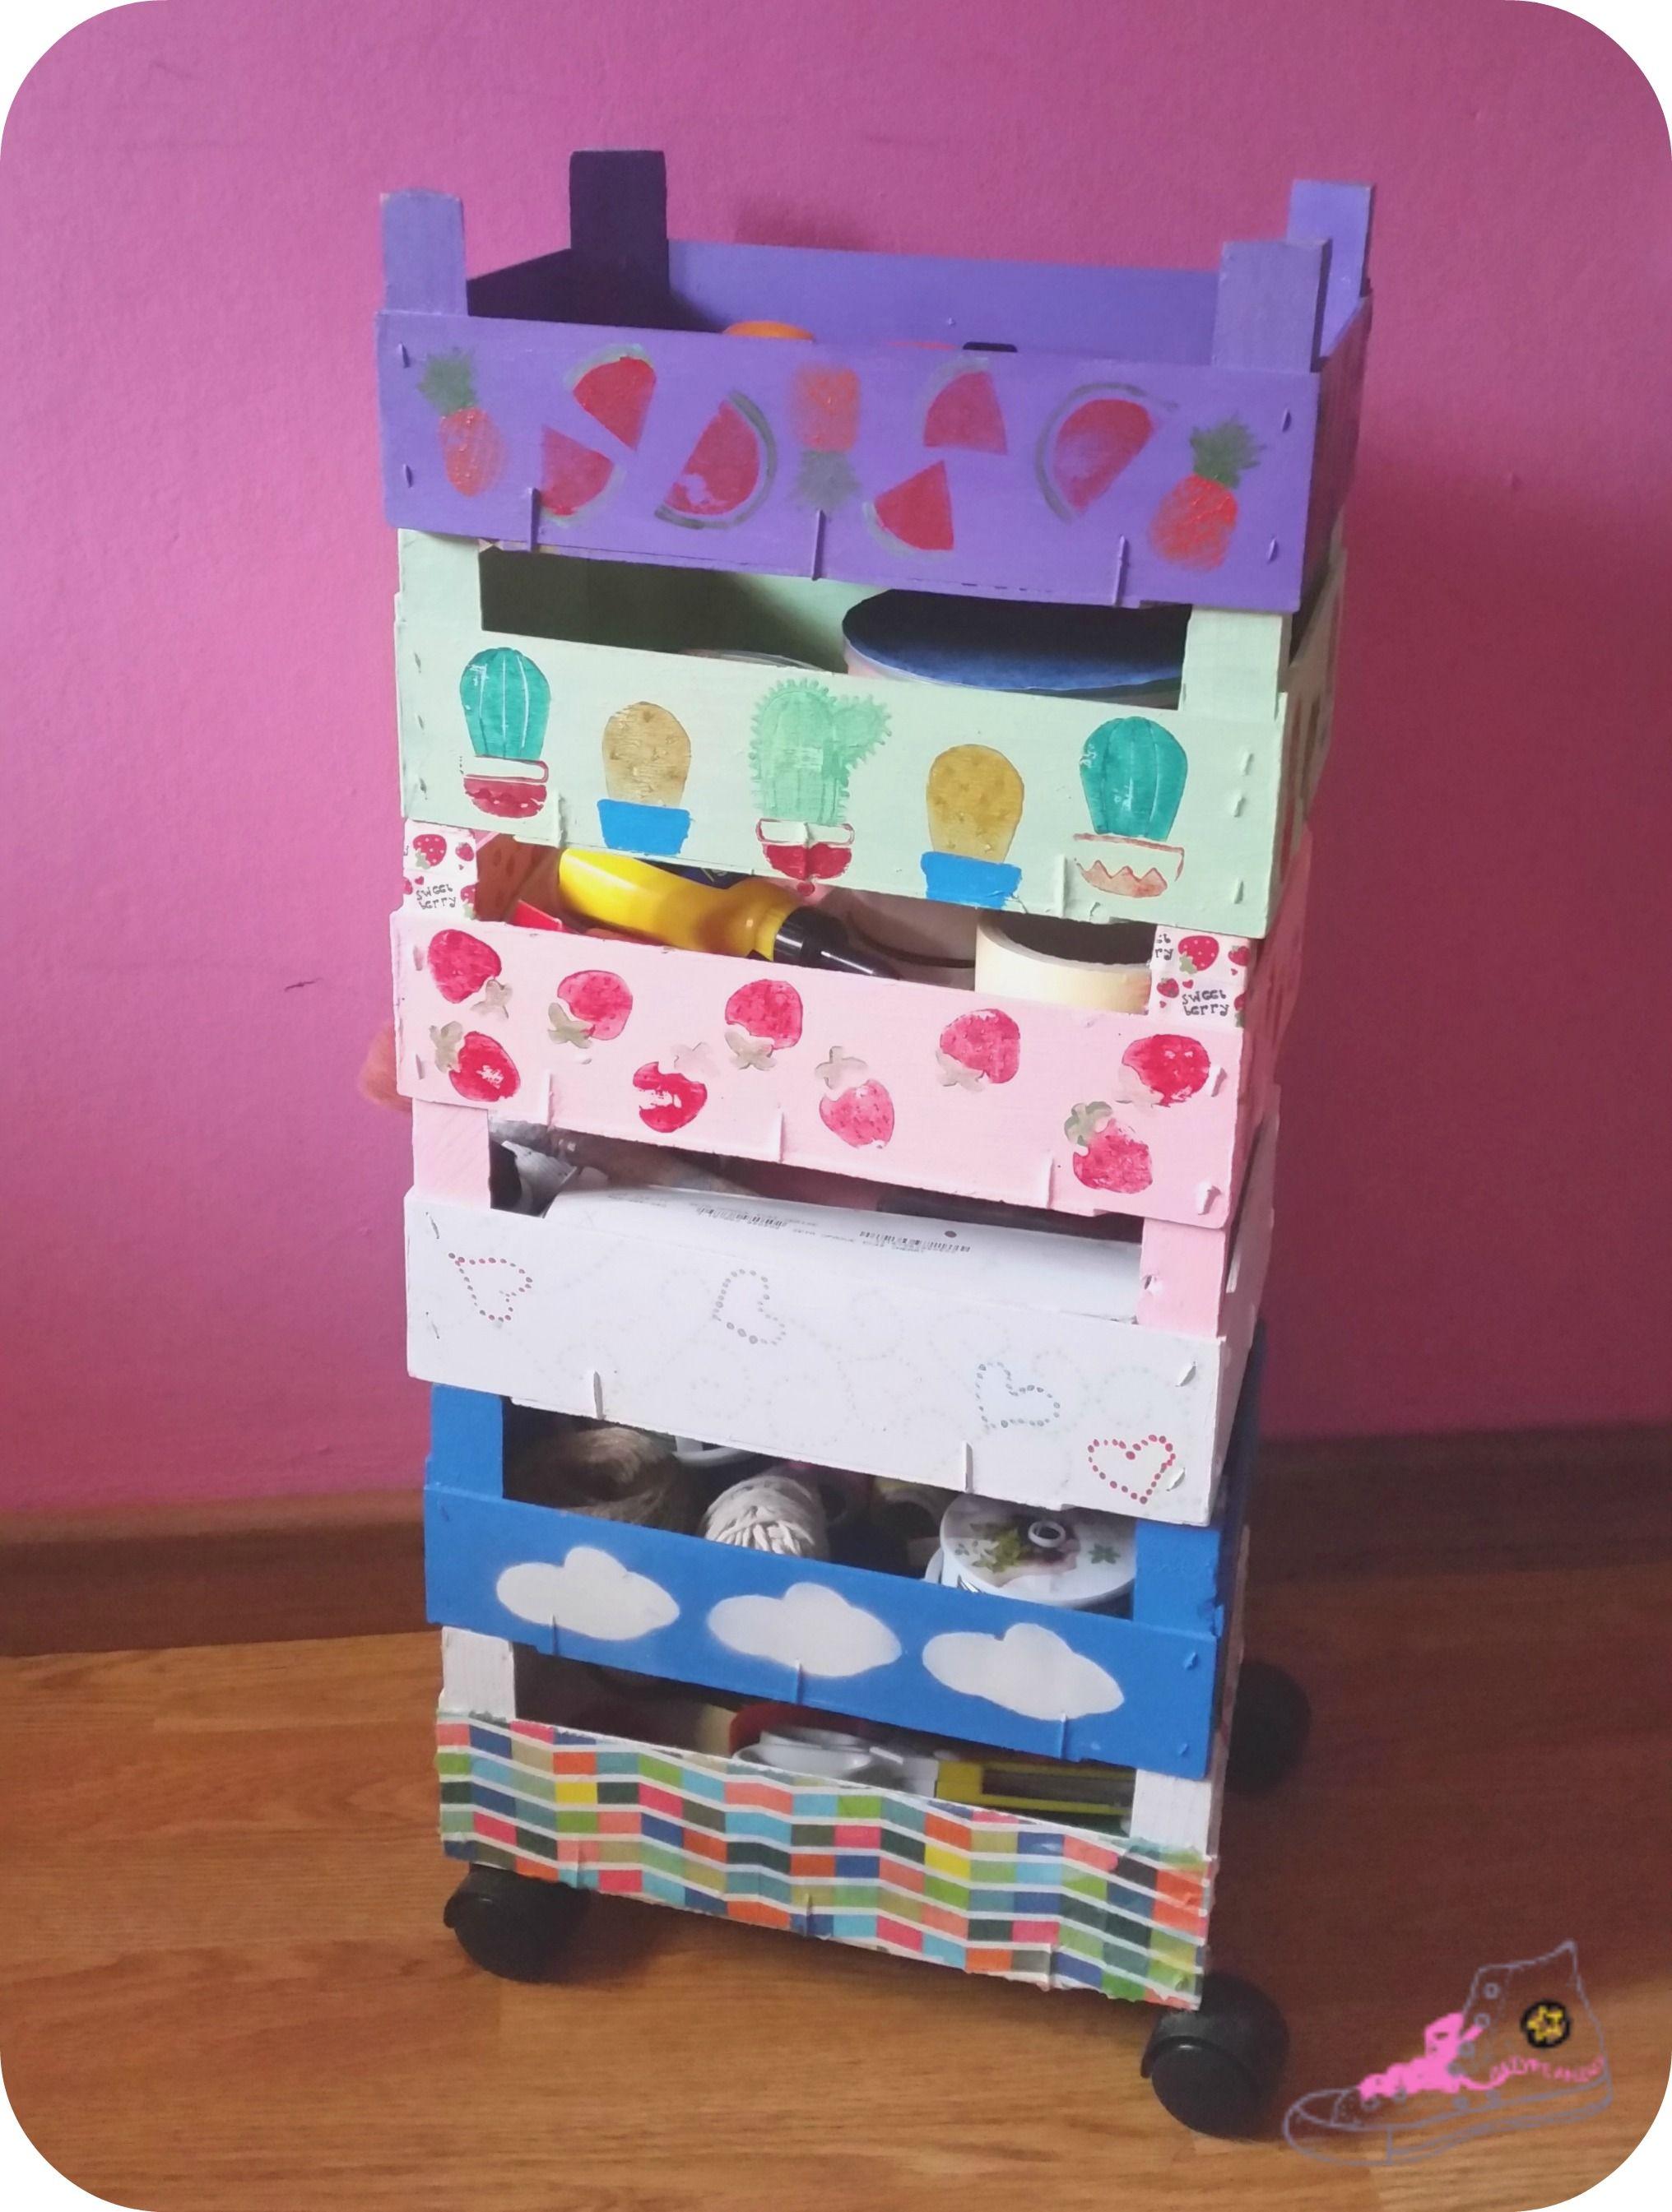 Como hacerte tu propio carrito r skog de ikea con cajas de - Cajas de ikea ...